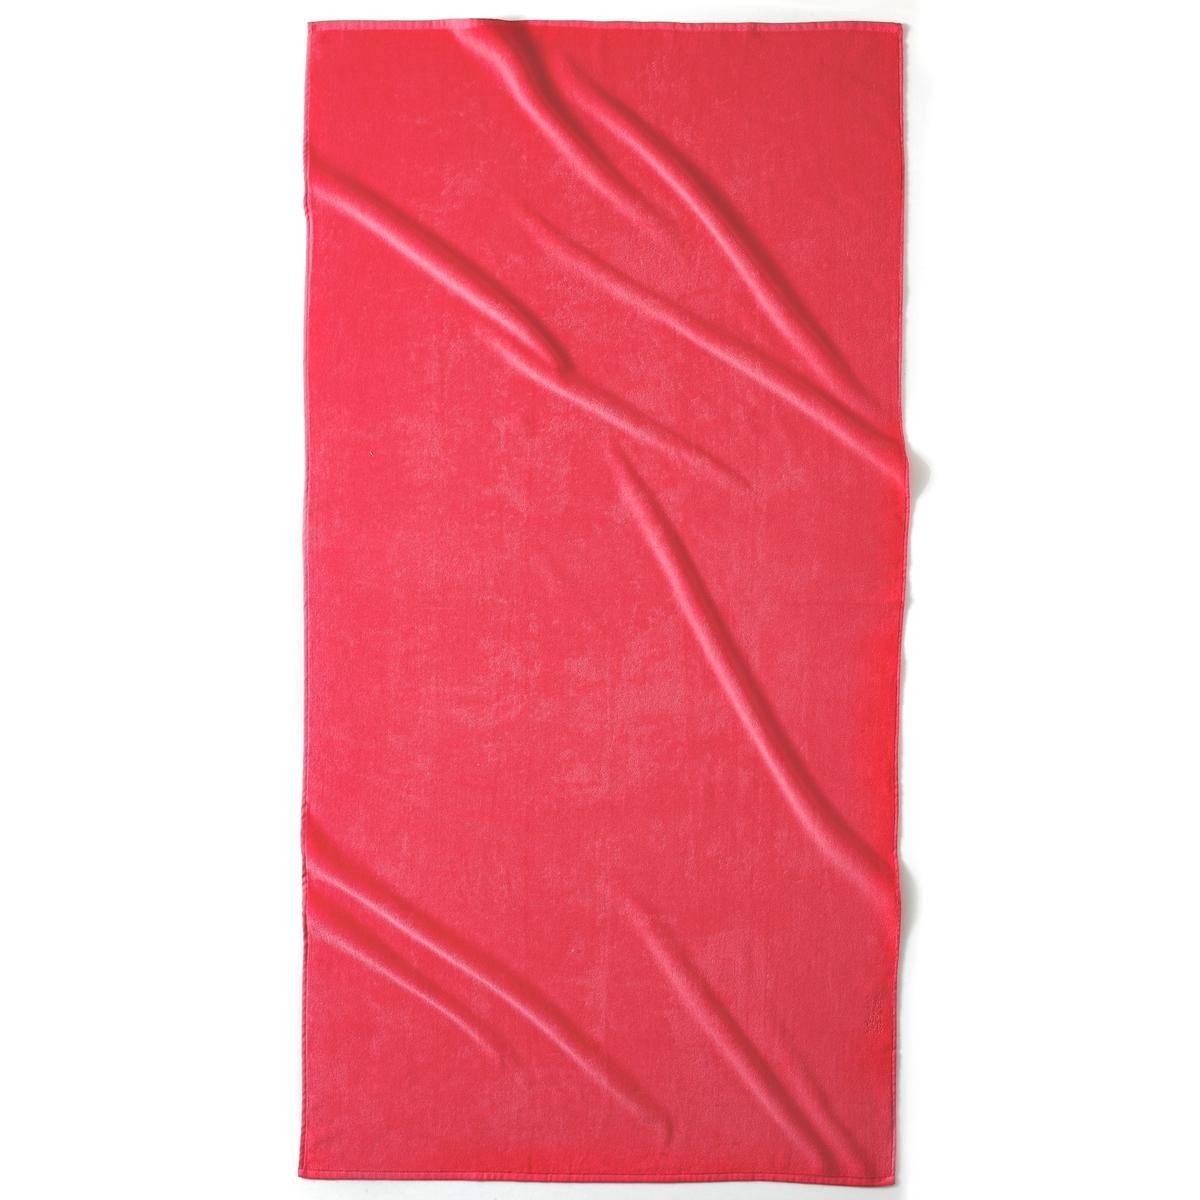 Полотенце пляжное ESTORILПляжное полотенце из 100% хлопка, 420 г/м?. 1 сторона из велюра, 1 сторона из махровой ткани. Размер полотенца: 90 x 175 см. Стирка при 40°.<br><br>Цвет: гренадин,зеленый анис,фиолетовый<br>Размер: единый размер.единый размер.единый размер